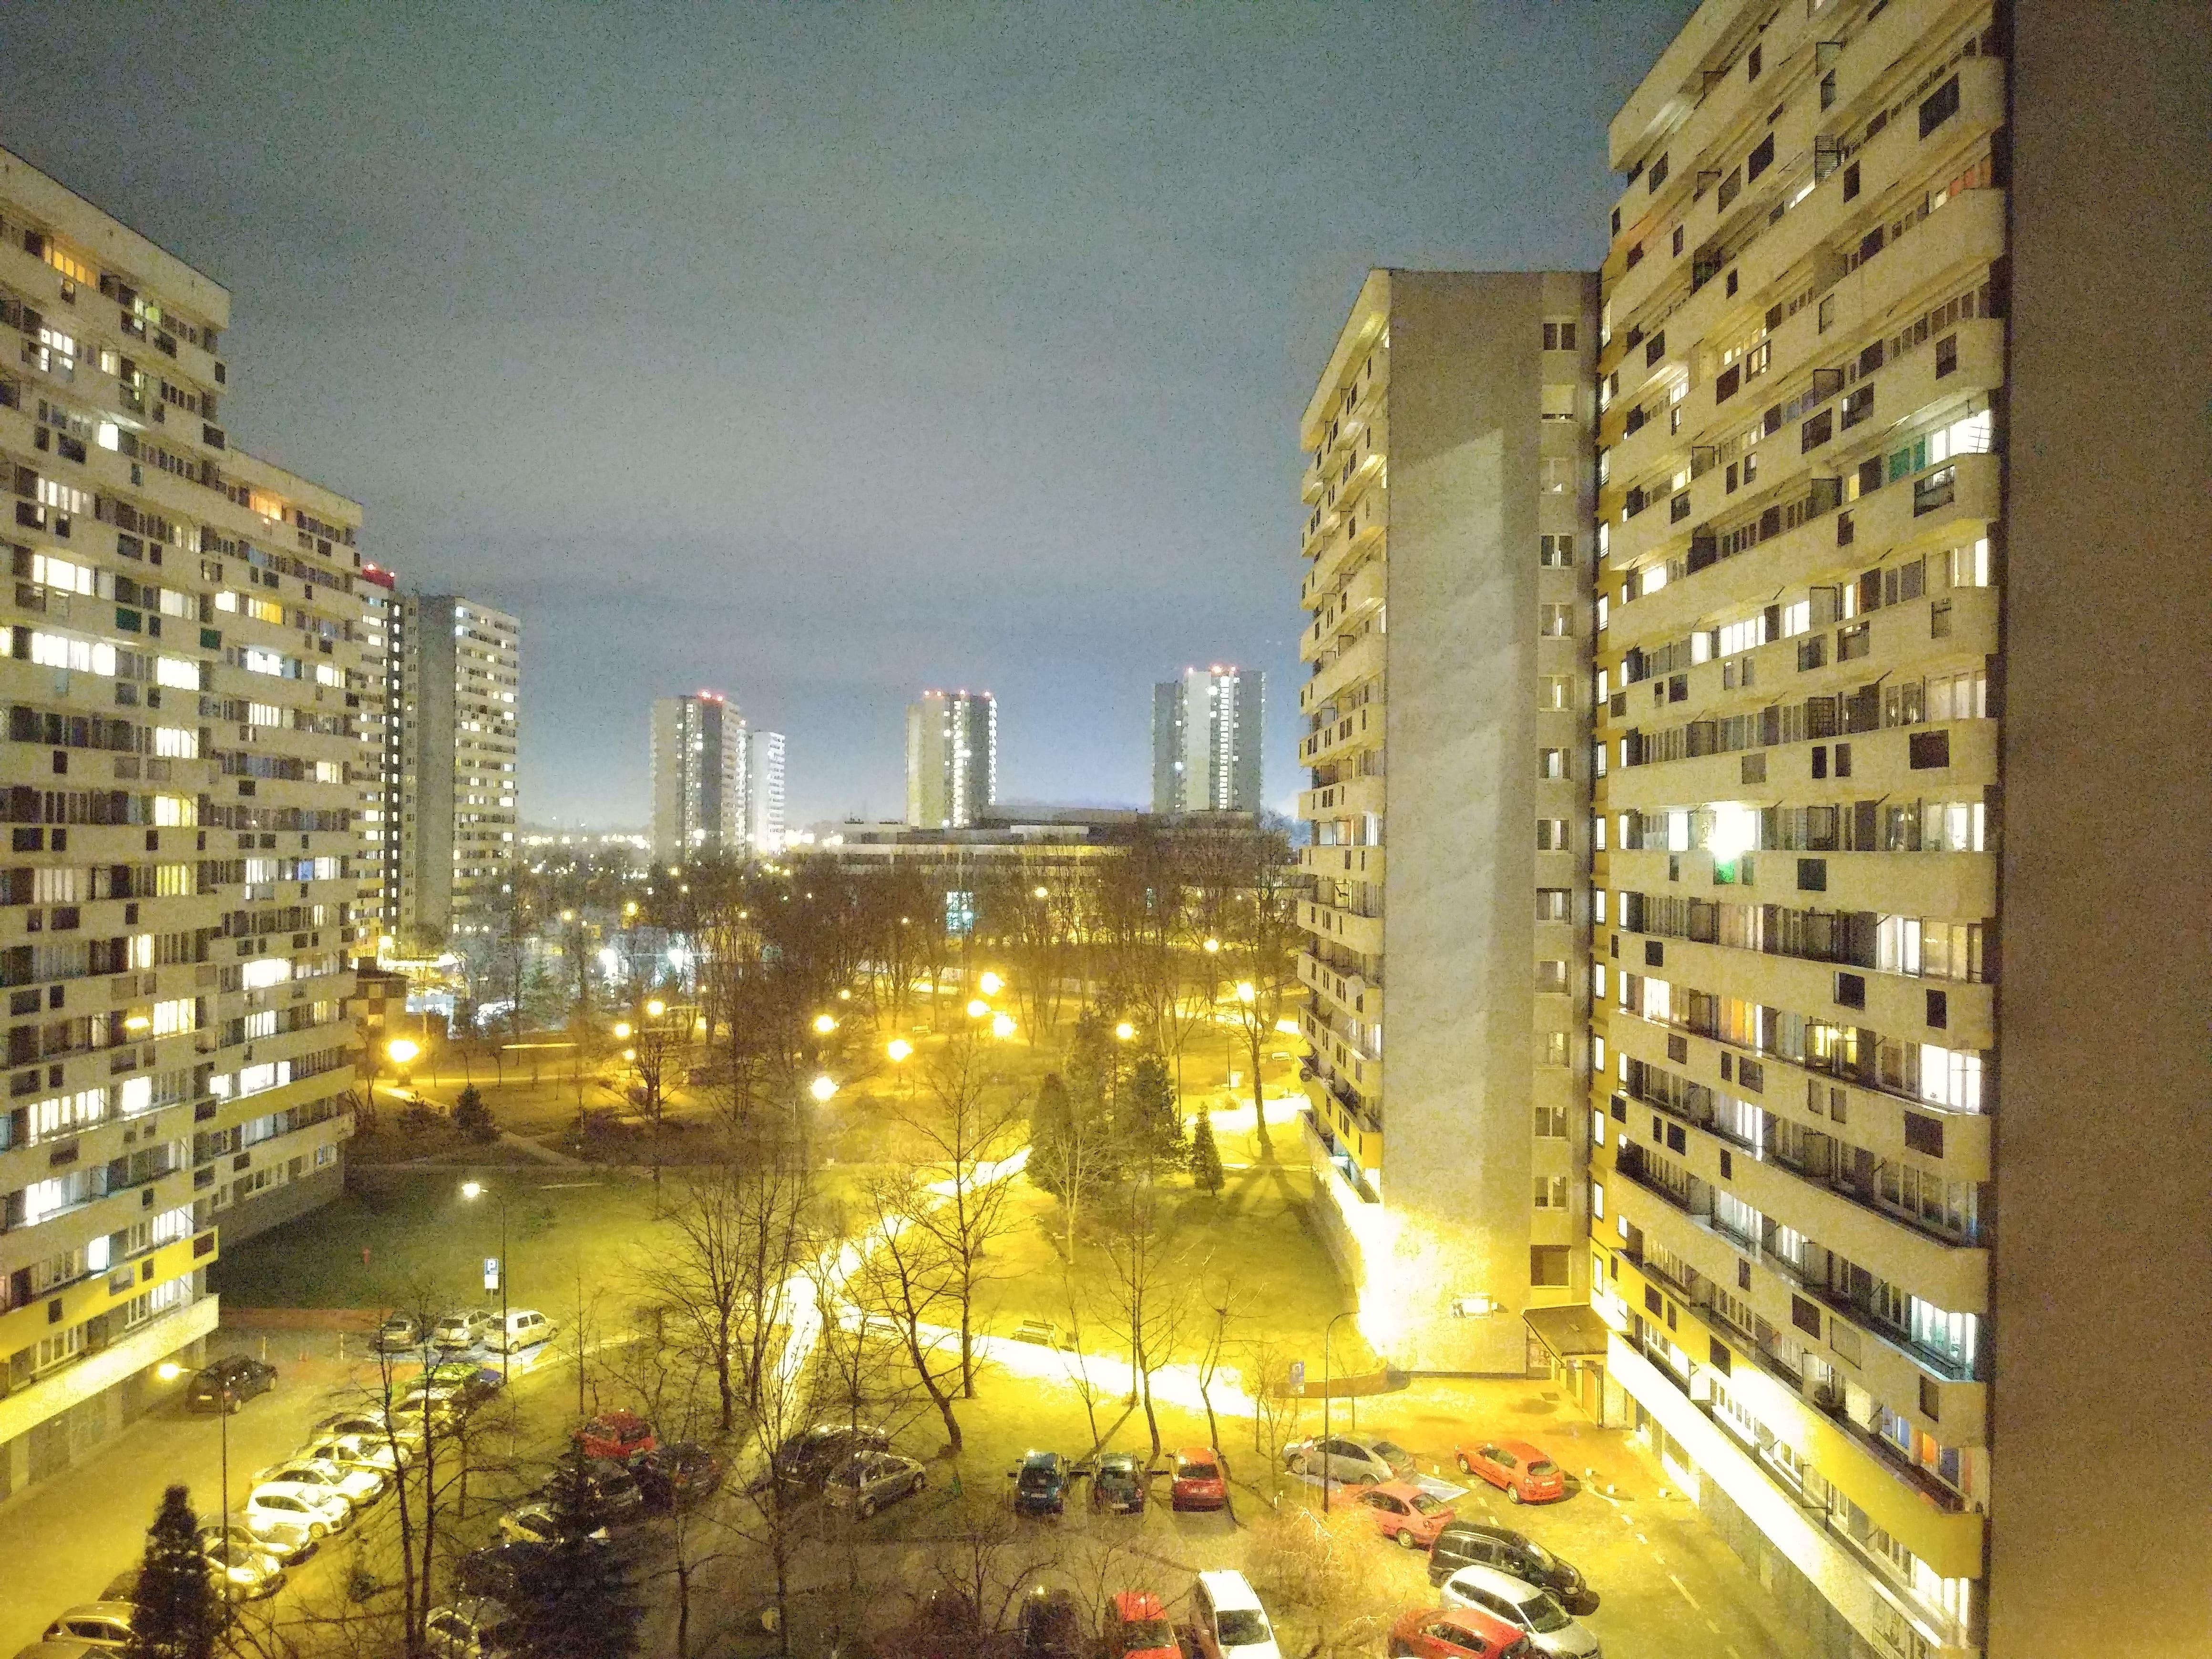 Zdjęcia nocne - LG G7 Fit